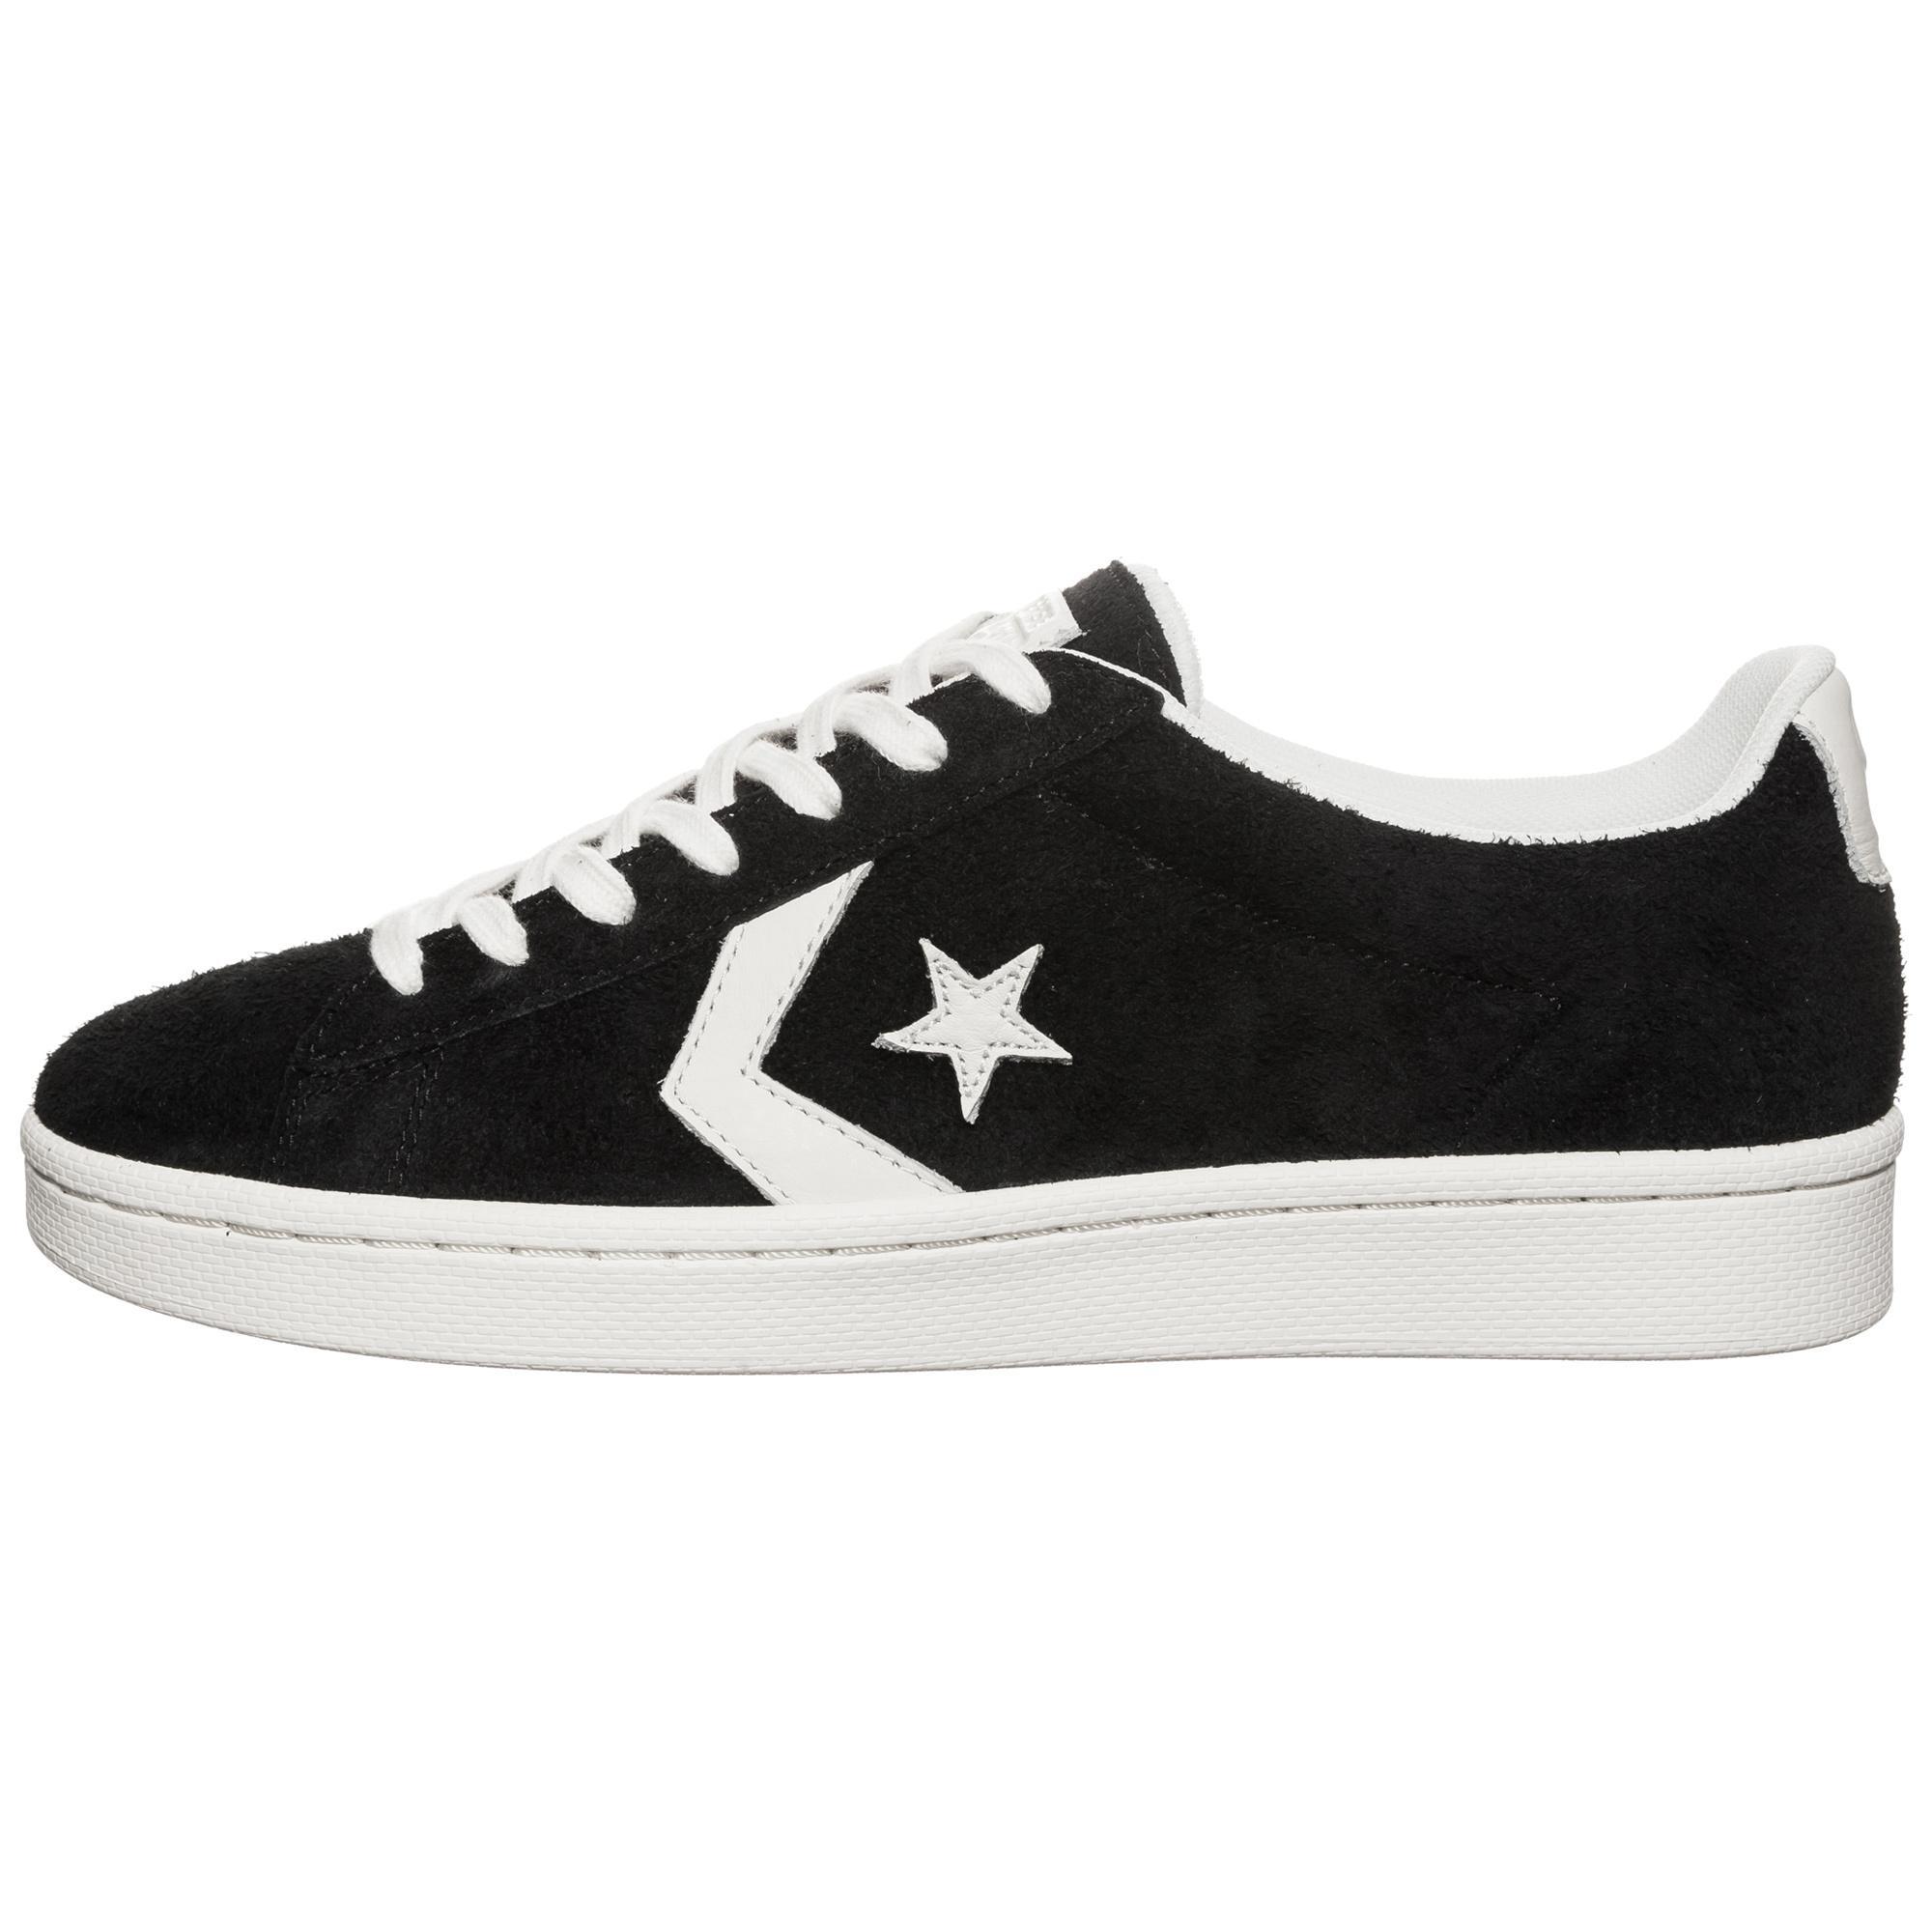 CONVERSE Pro Leather Leather Leather Ox Turnschuhe Herren schwarz   weiß im Online Shop von SportScheck kaufen Gute Qualität beliebte Schuhe 28fd13